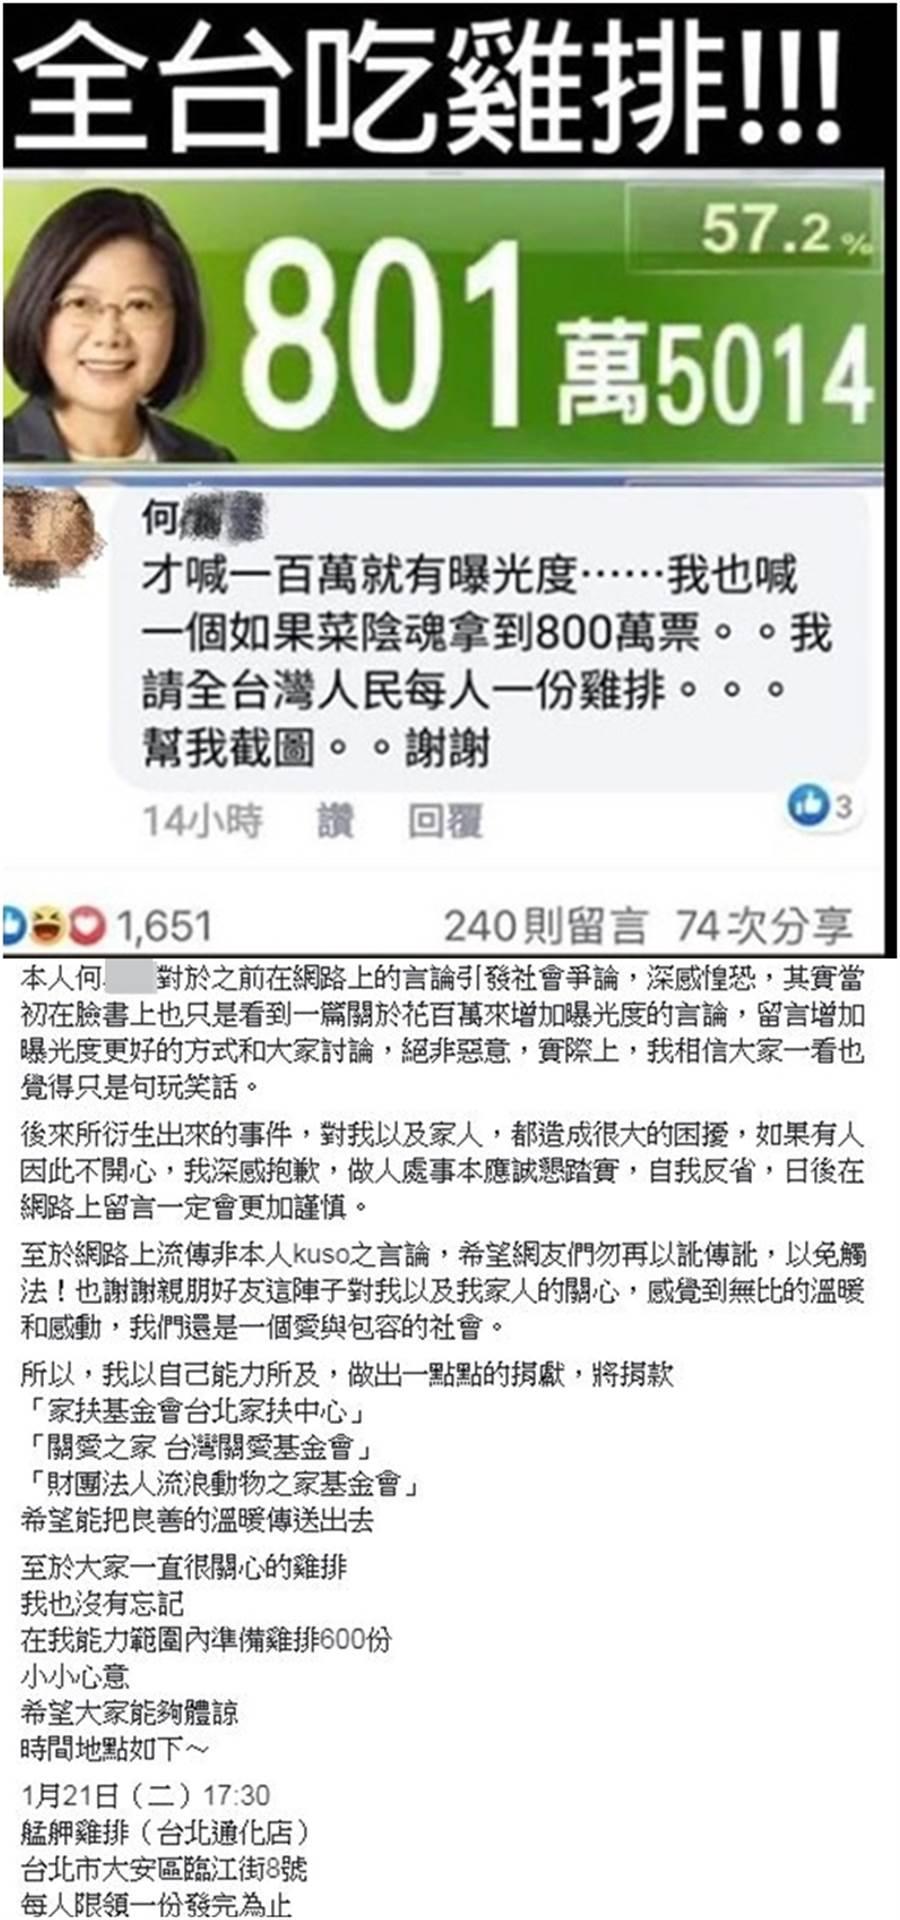 上圖:何姓網友選前在臉書發下豪語,如果「菜陰魂」拿到800萬票,就請全台灣人吃雞排。(圖/截自臉書)下圖:何男沉默多日後,今發臉書表示,答應大家1月21日將會在台北發放600份雞排。(圖/截自臉書)